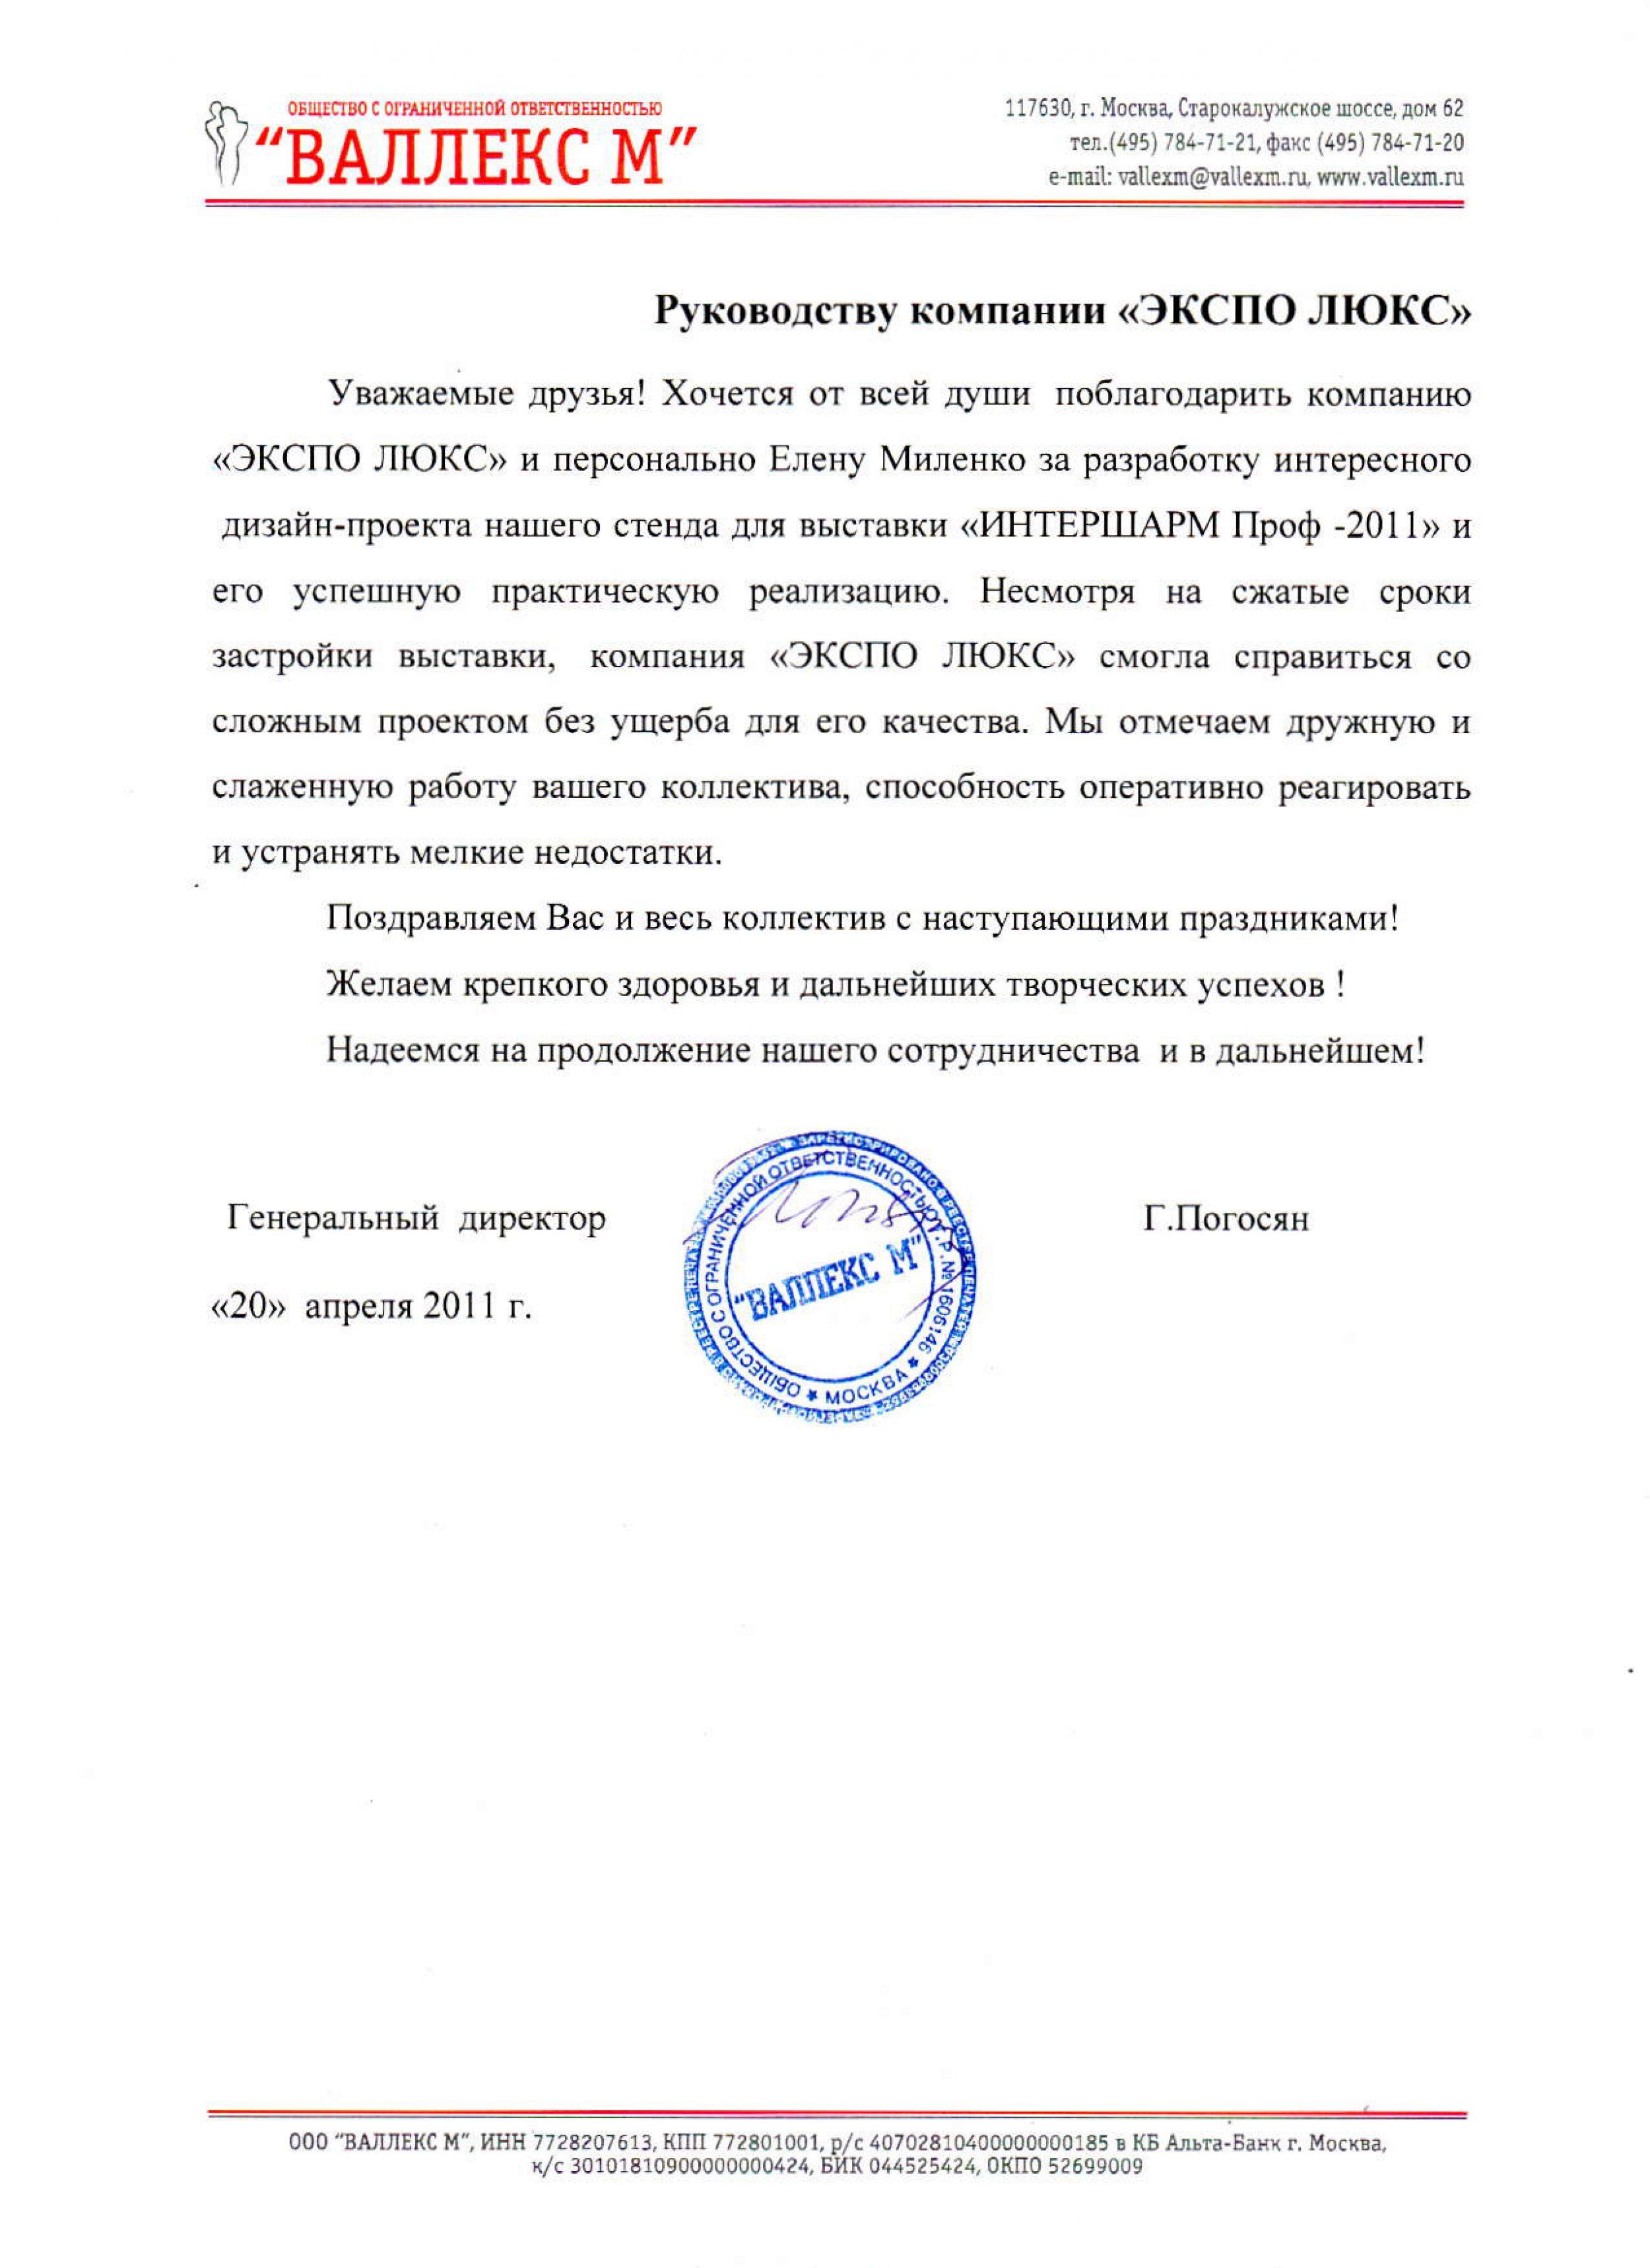 ВАЛЛЕКС М_Благодарность ЭКСПО ЛЮКС